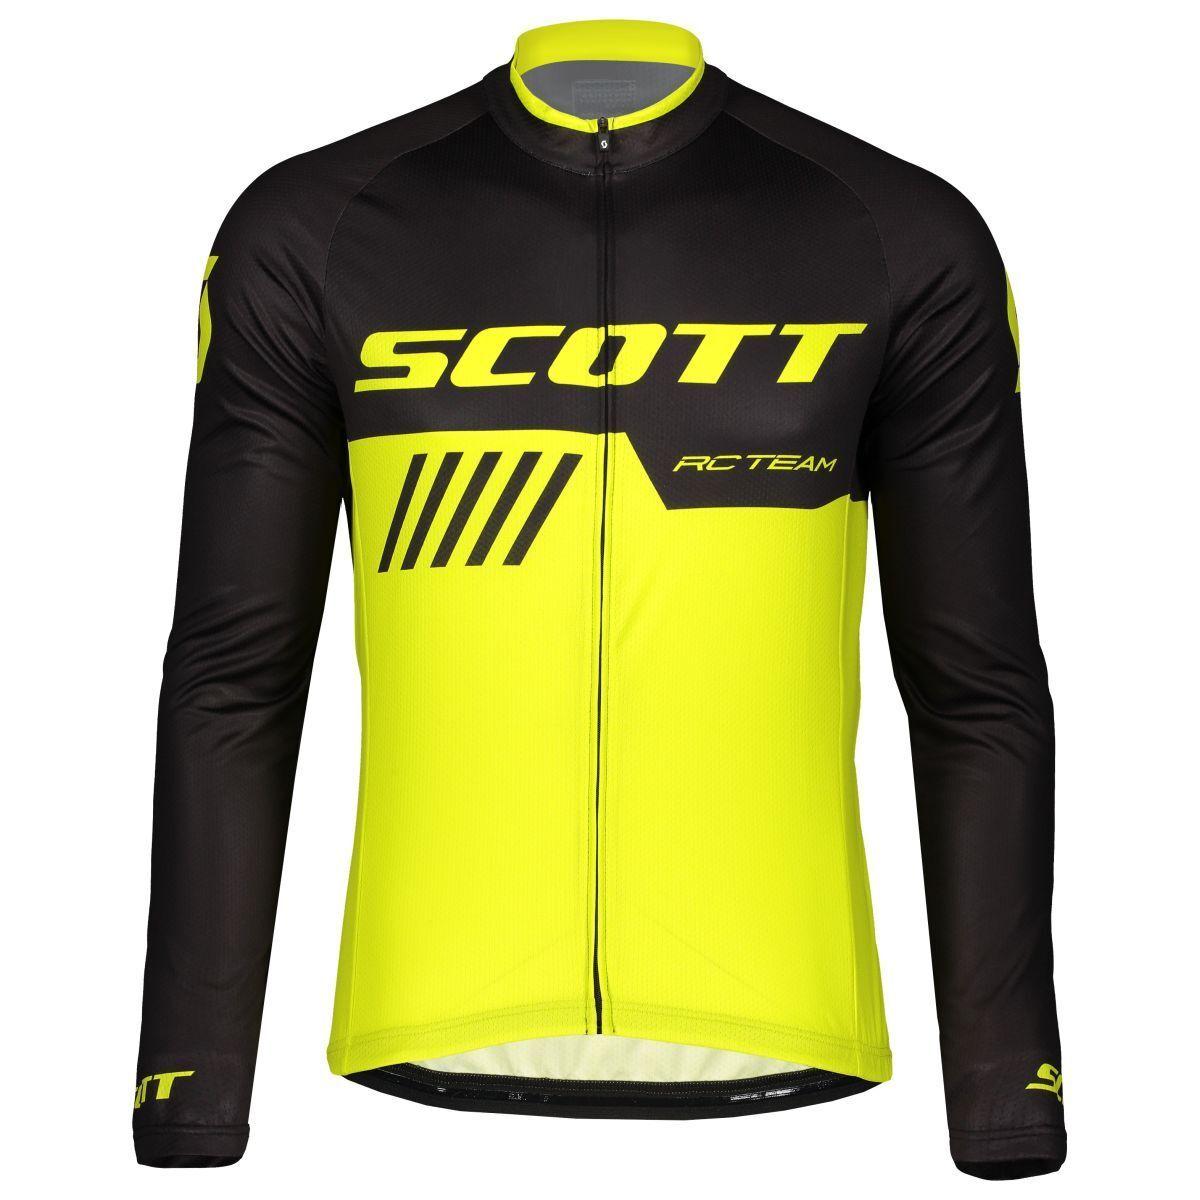 Scott RC Team 10 Fahrrad Trikot lang gelb schwarz 2019